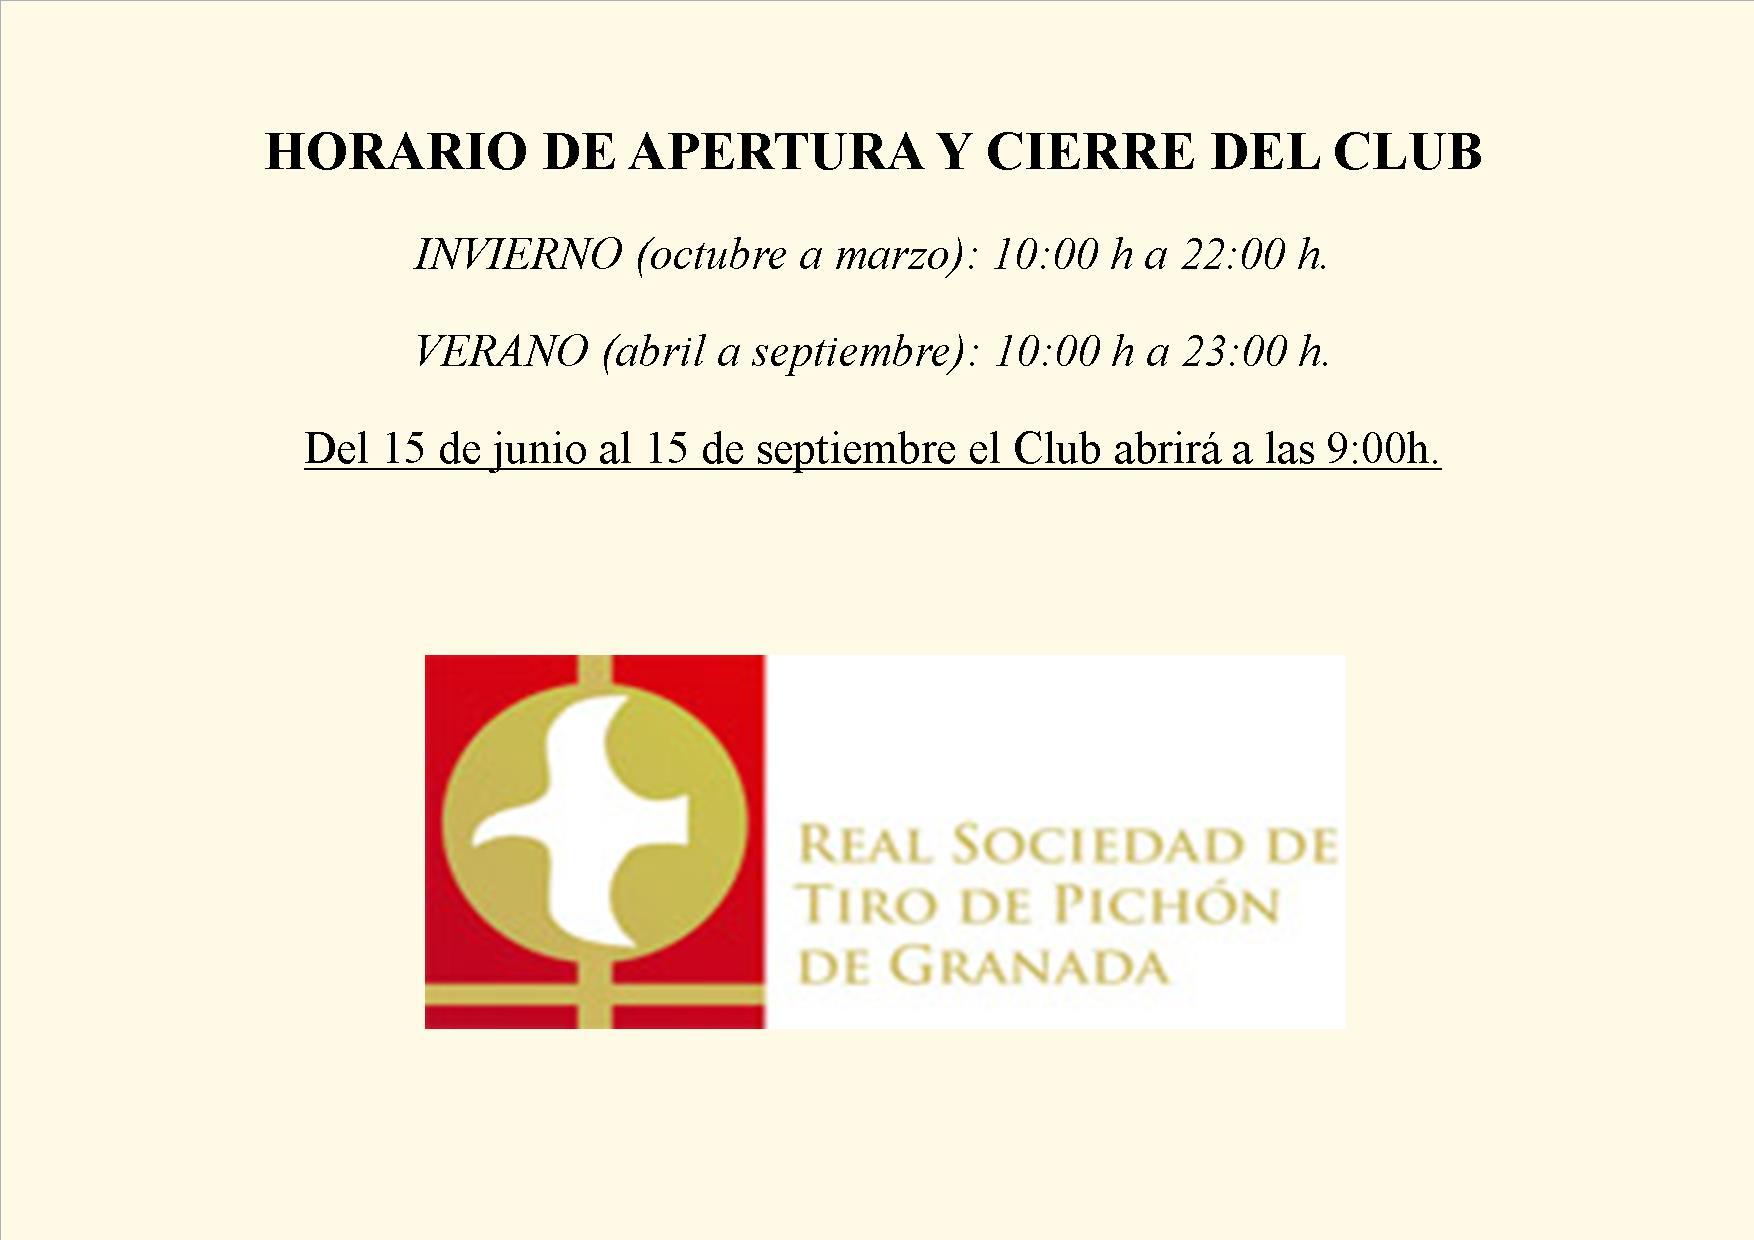 HORARIO DE APERTURA Y CIERRE DEL CLUB